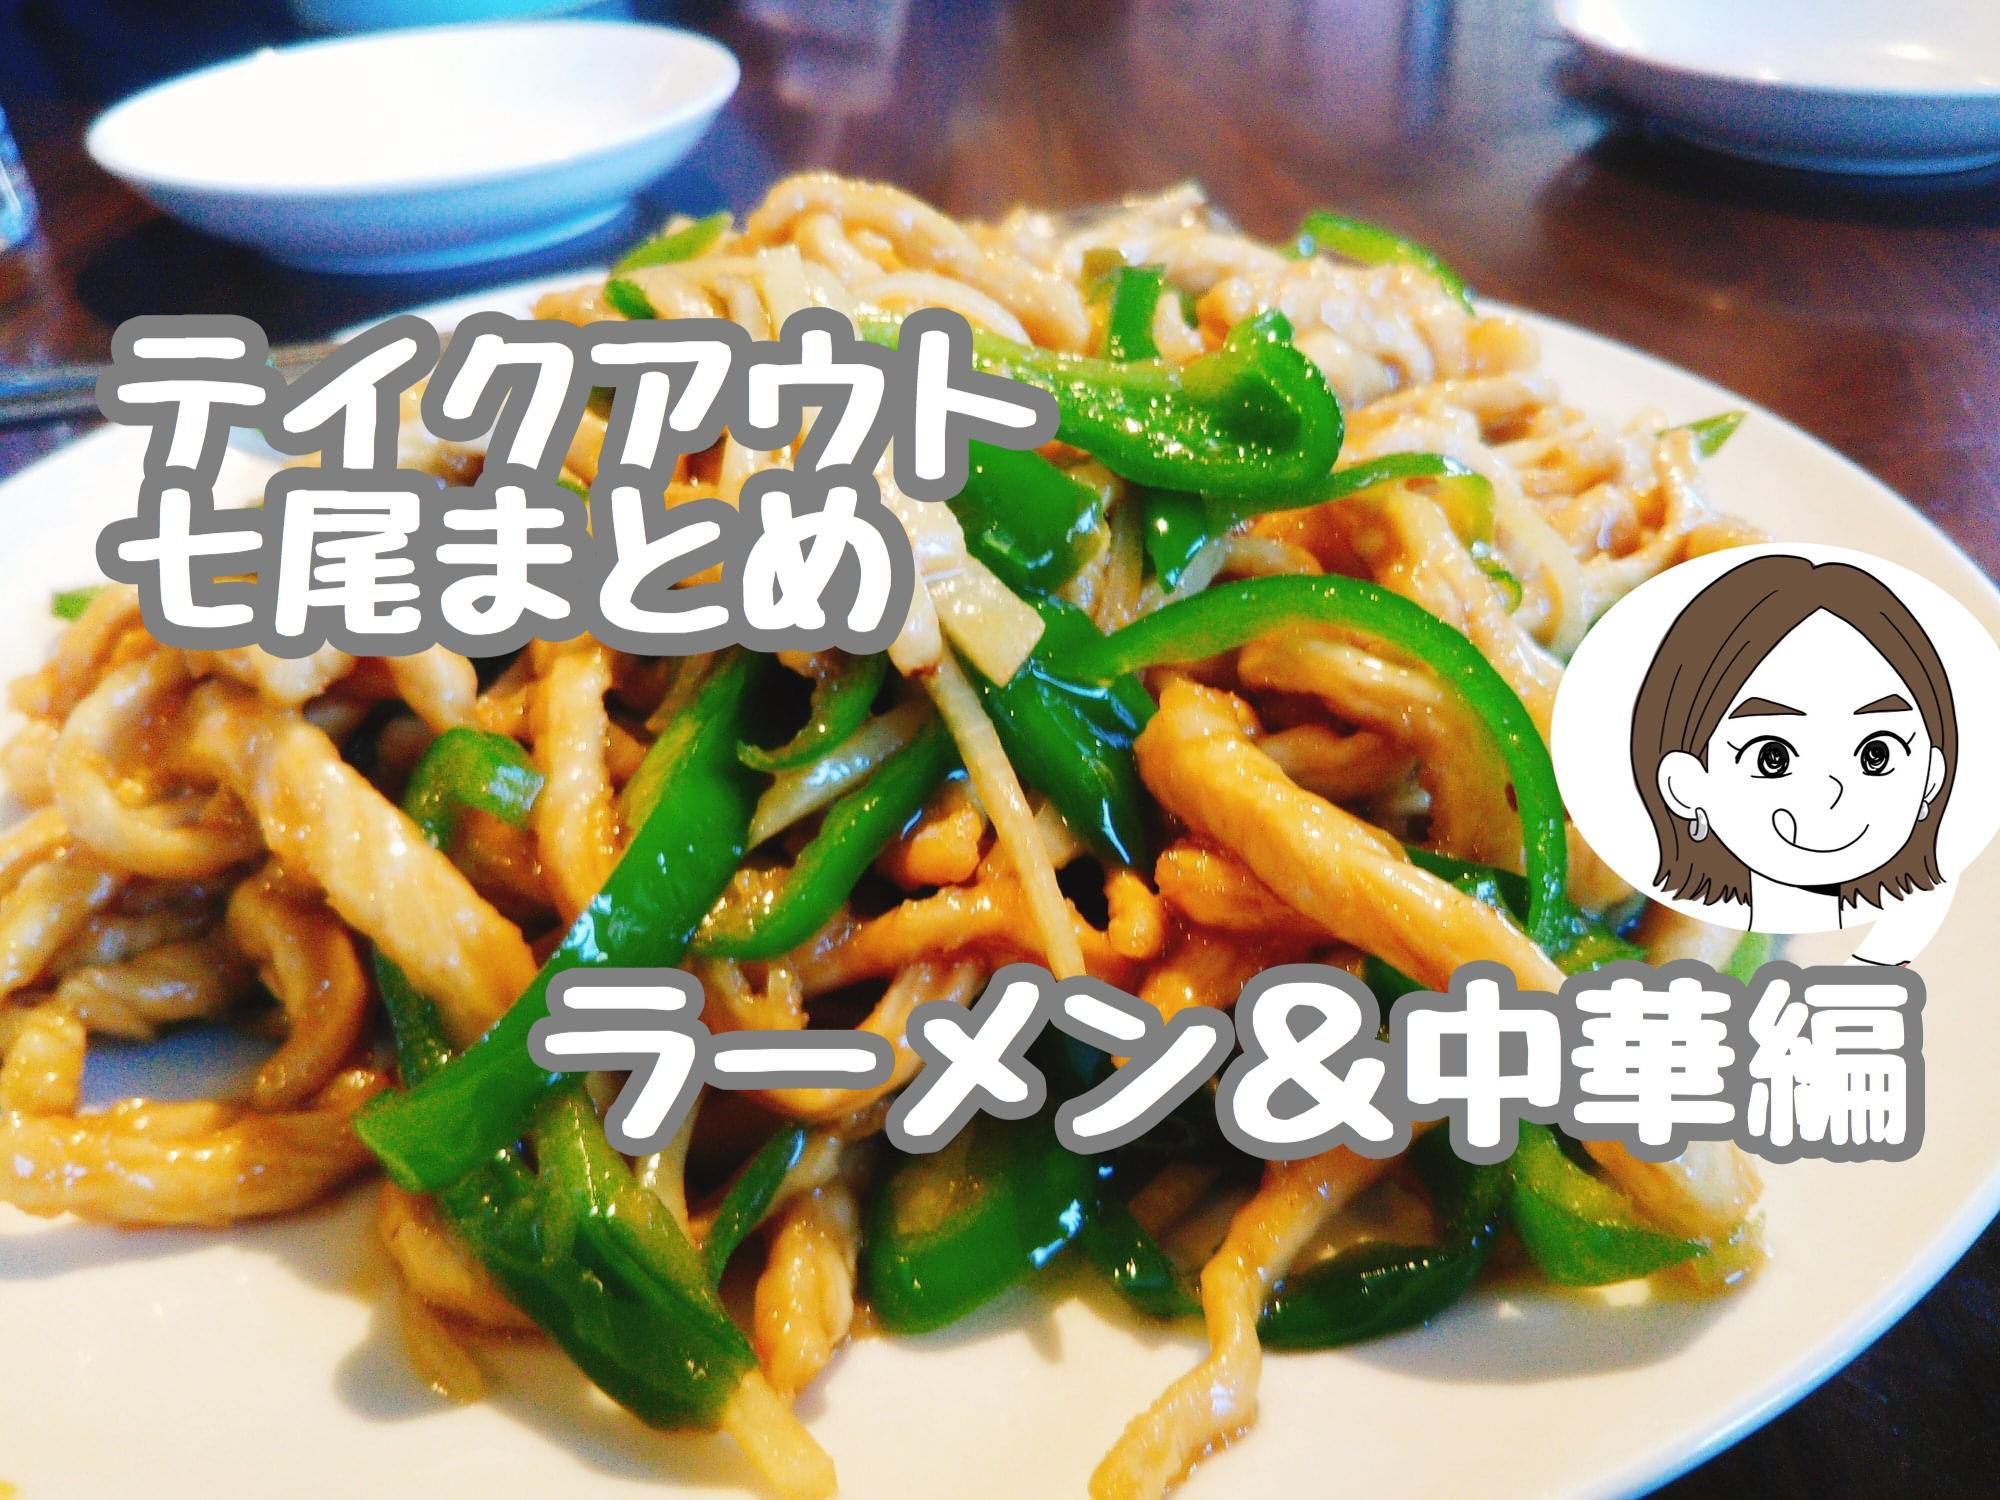 人気店の美味しい料理を自宅で楽しもう!テイクアウト ラーメン&中華編【七尾市】